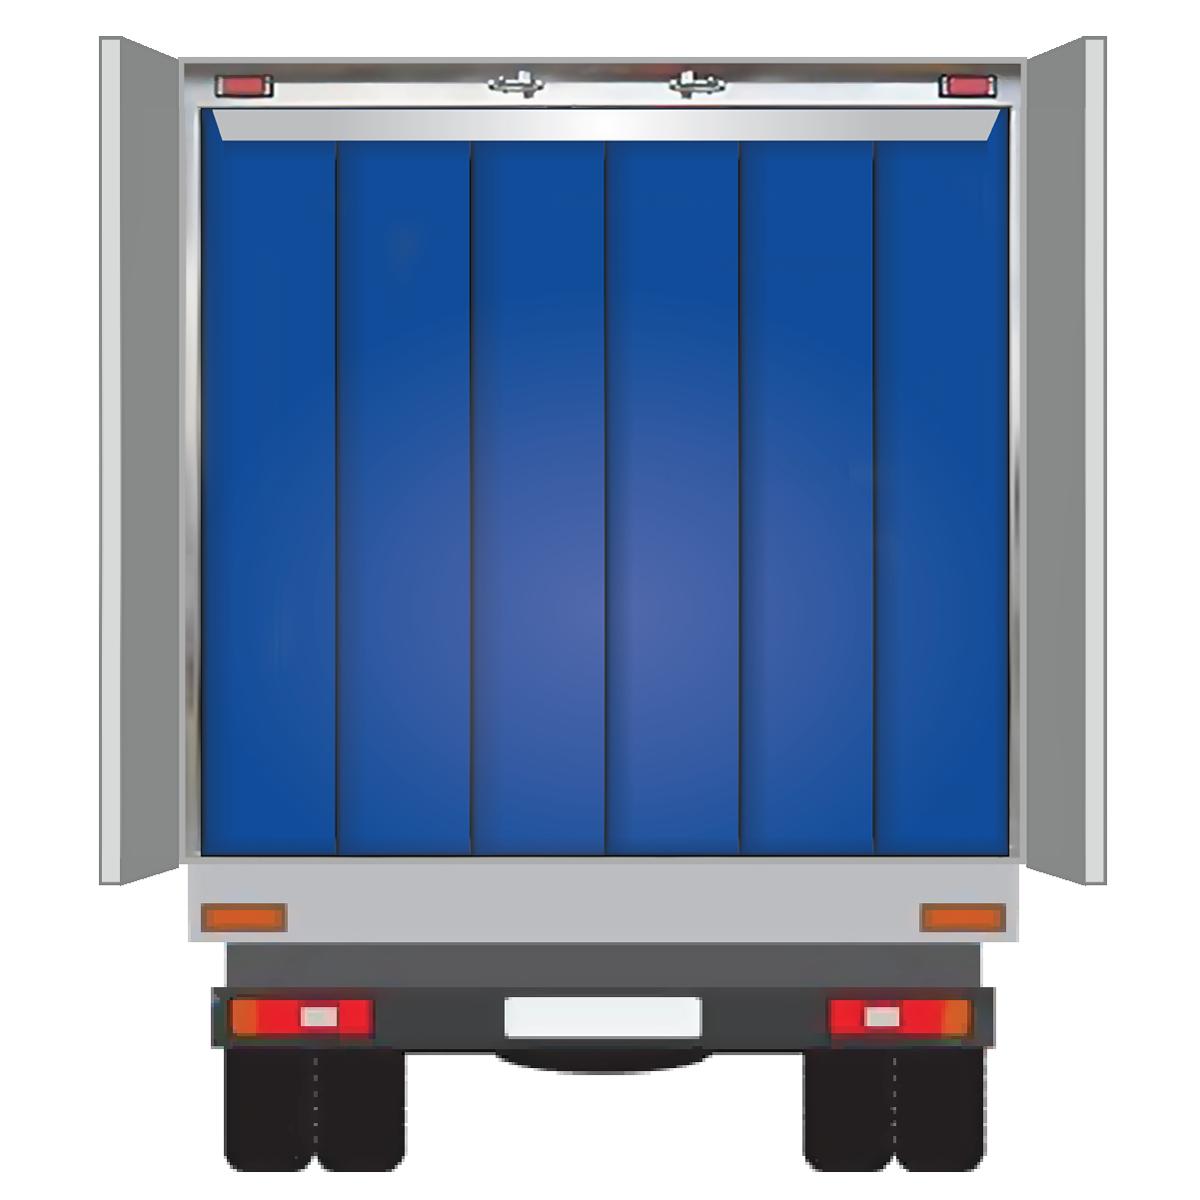 Разделяют пространство фургона на разные температурные режимы